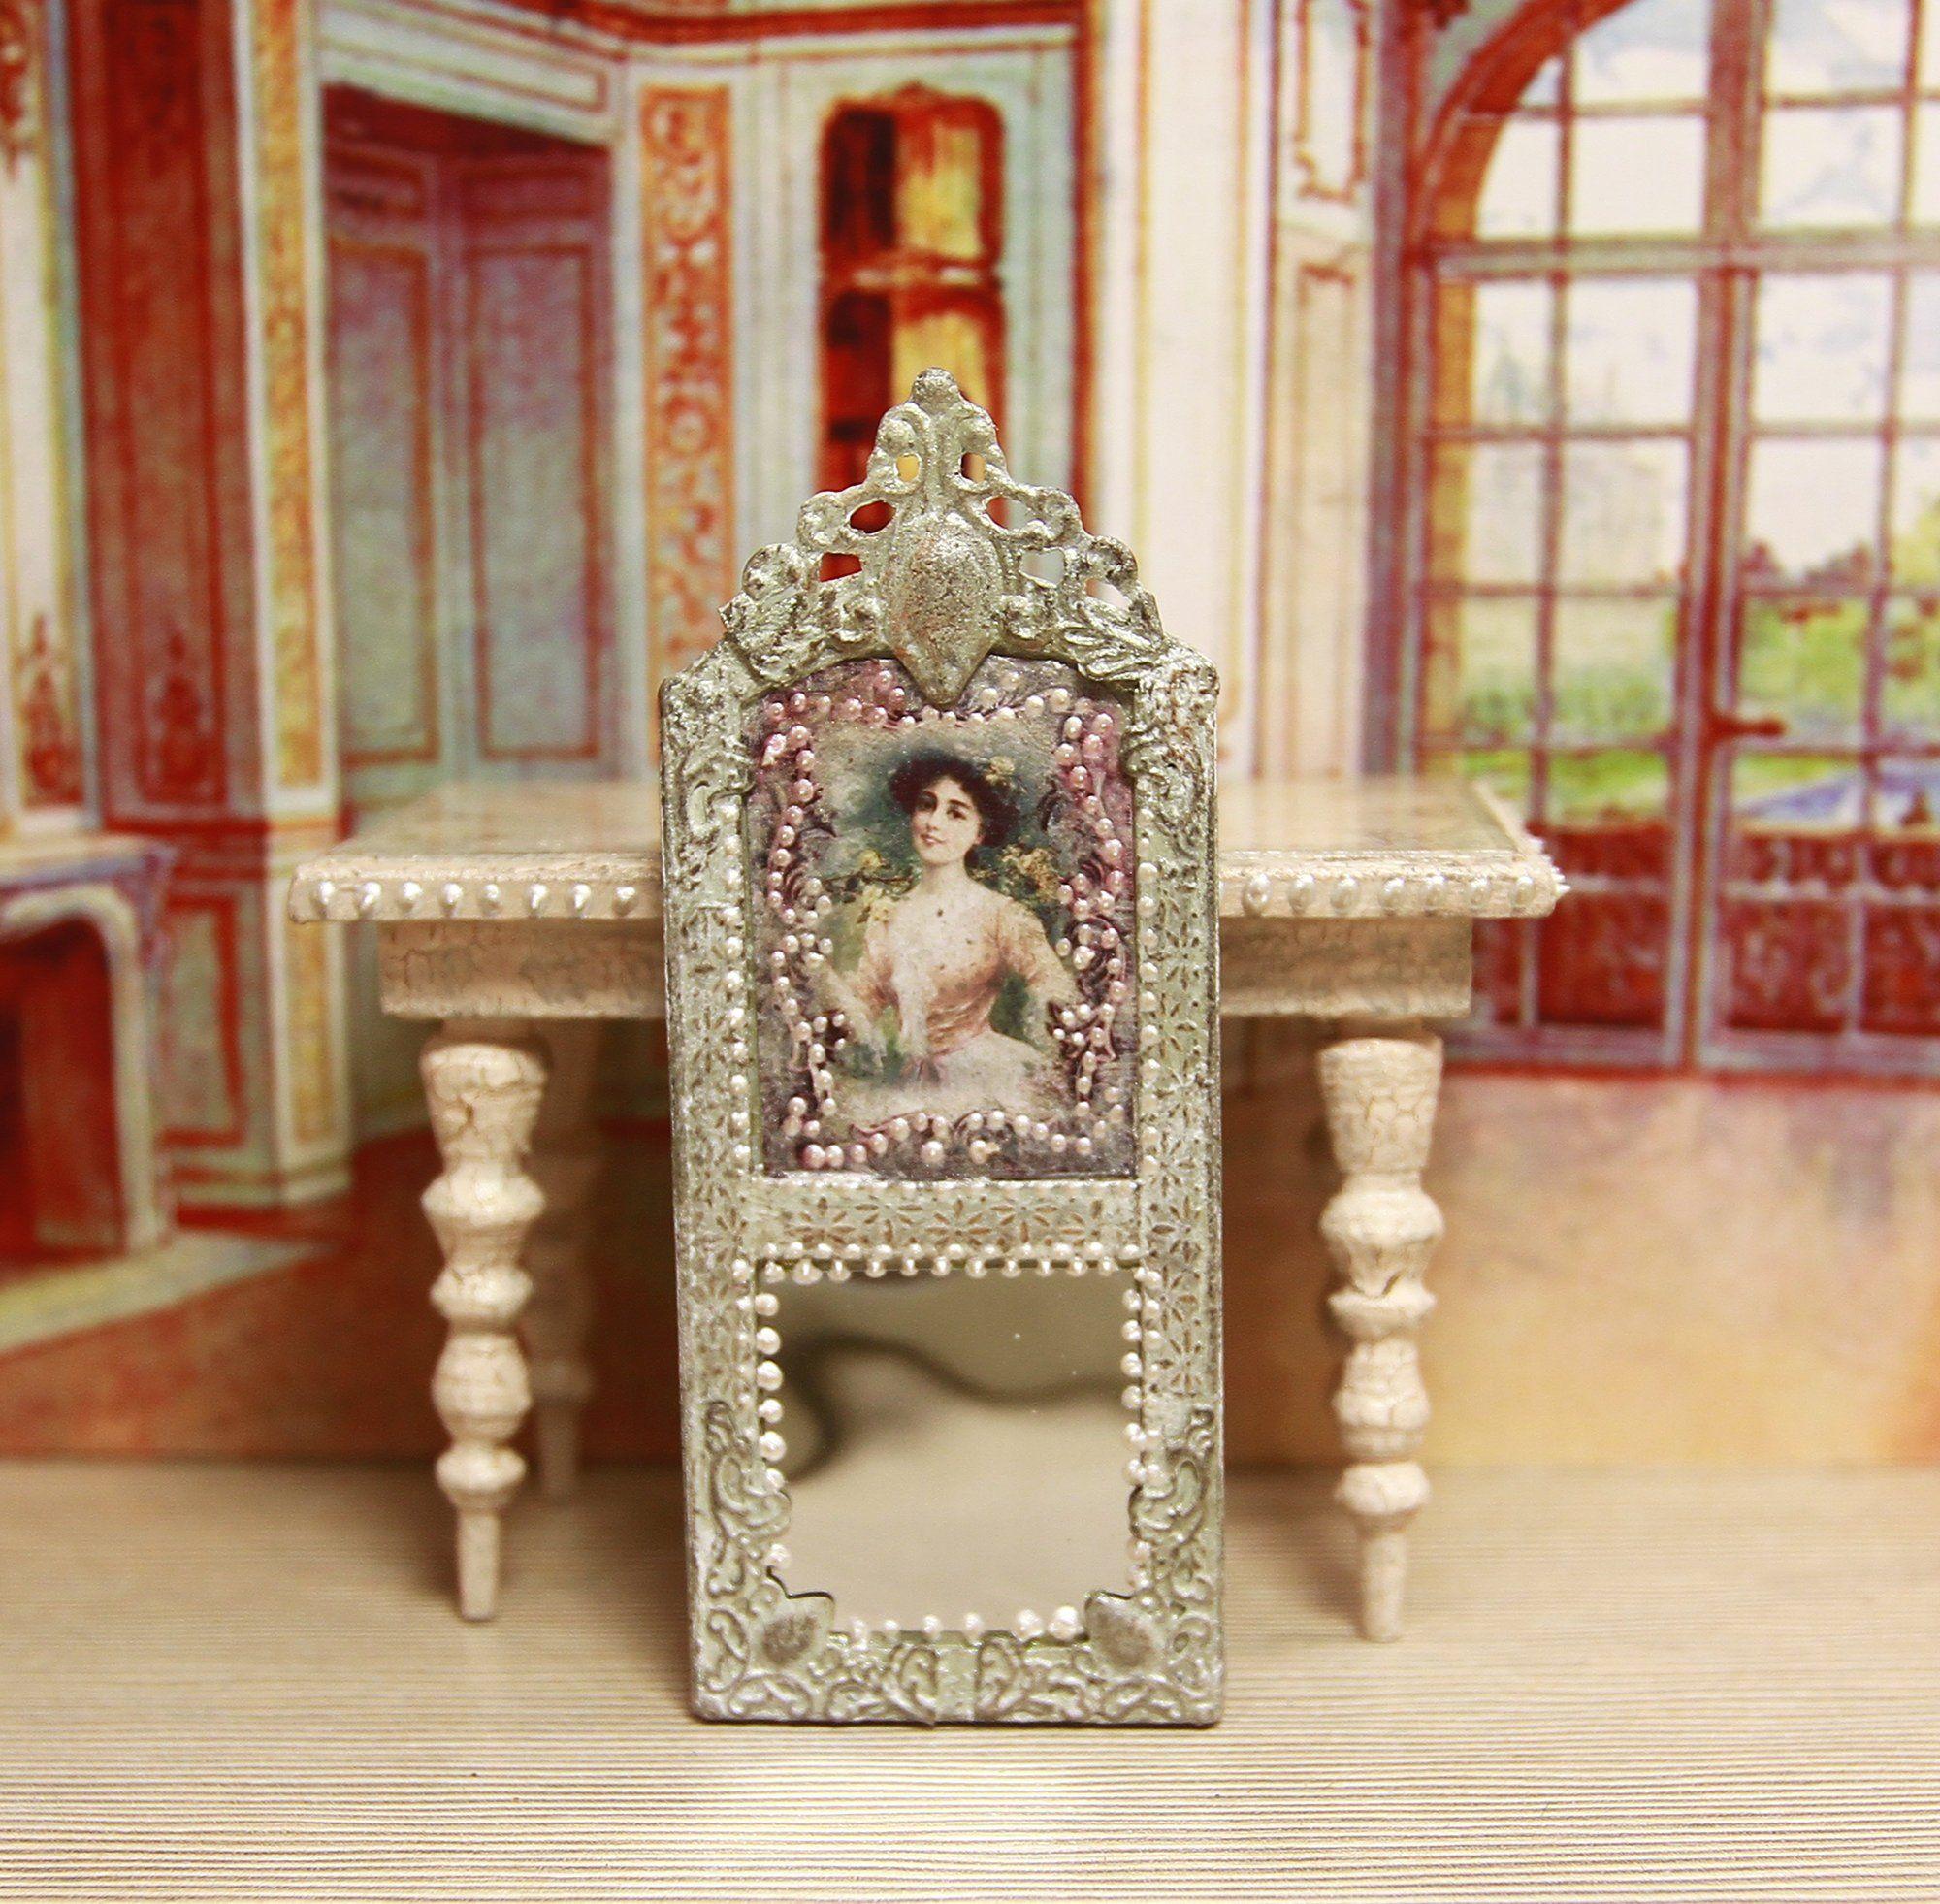 Vintage Dollhouse miniature 1:12 ornate mirrored DresserLight Pine